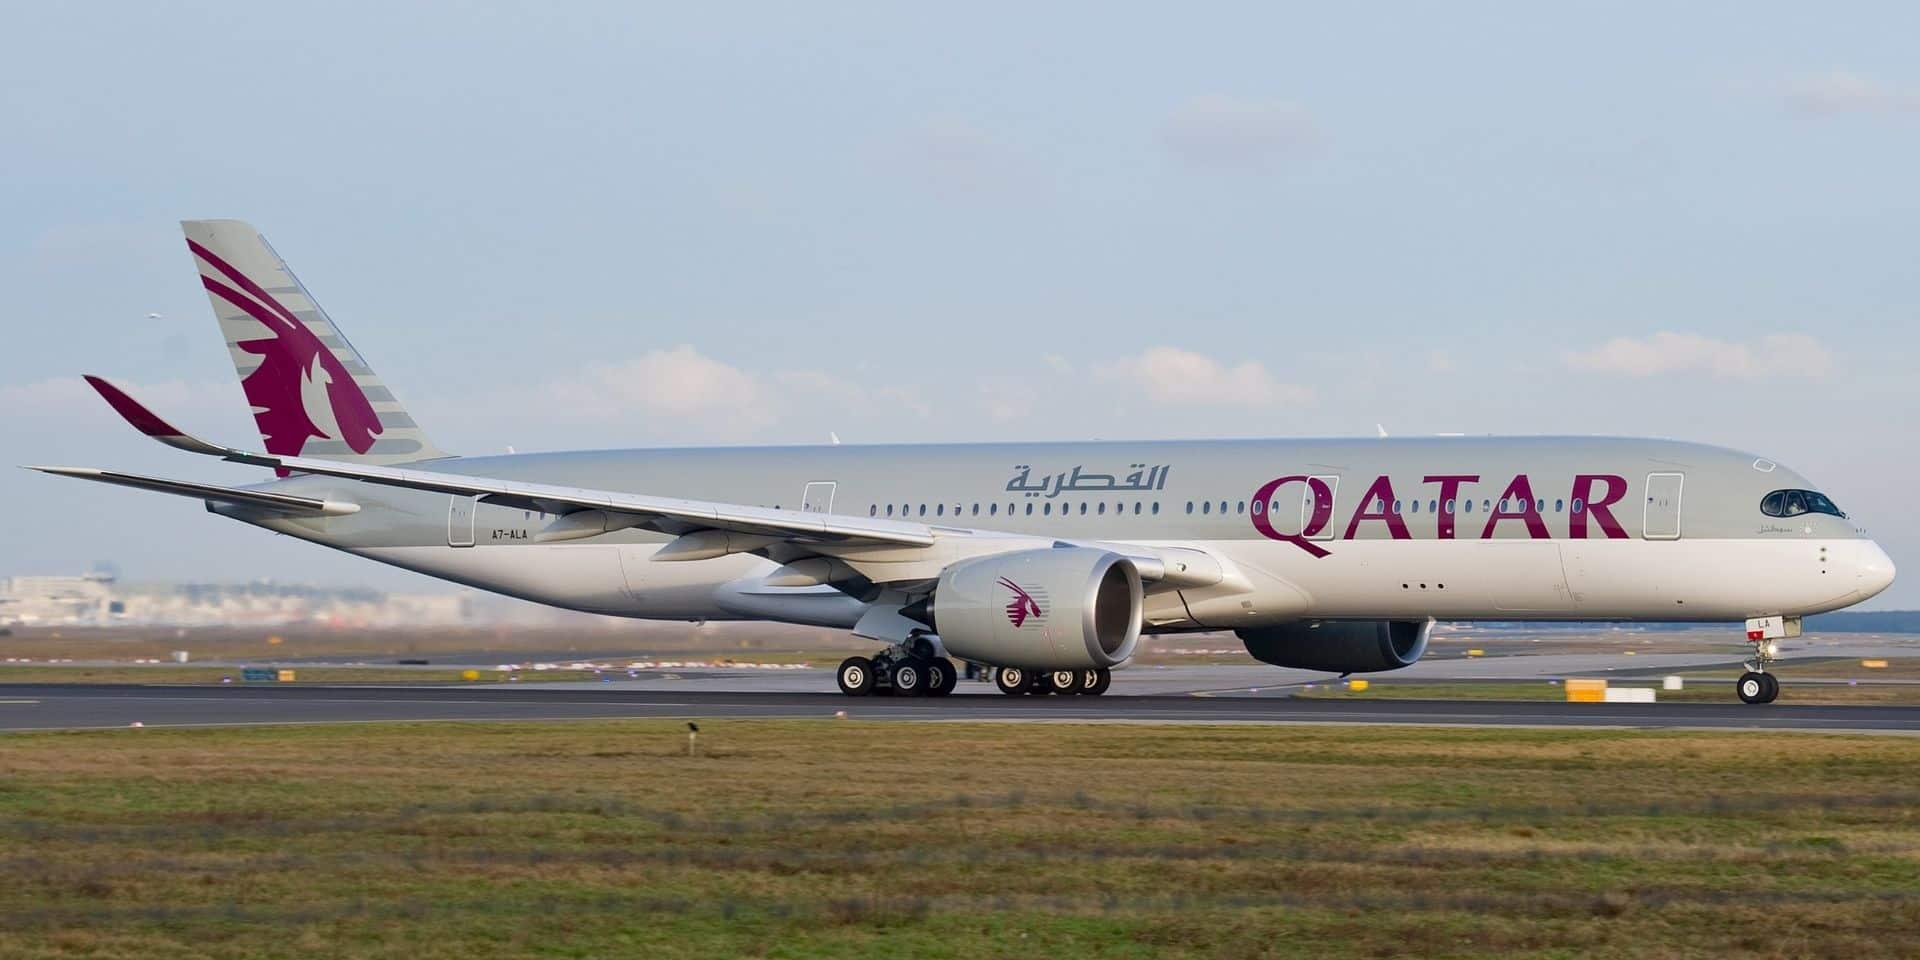 La Qatar gagne une manche aérienne face au Quartette à l'origine du blocus